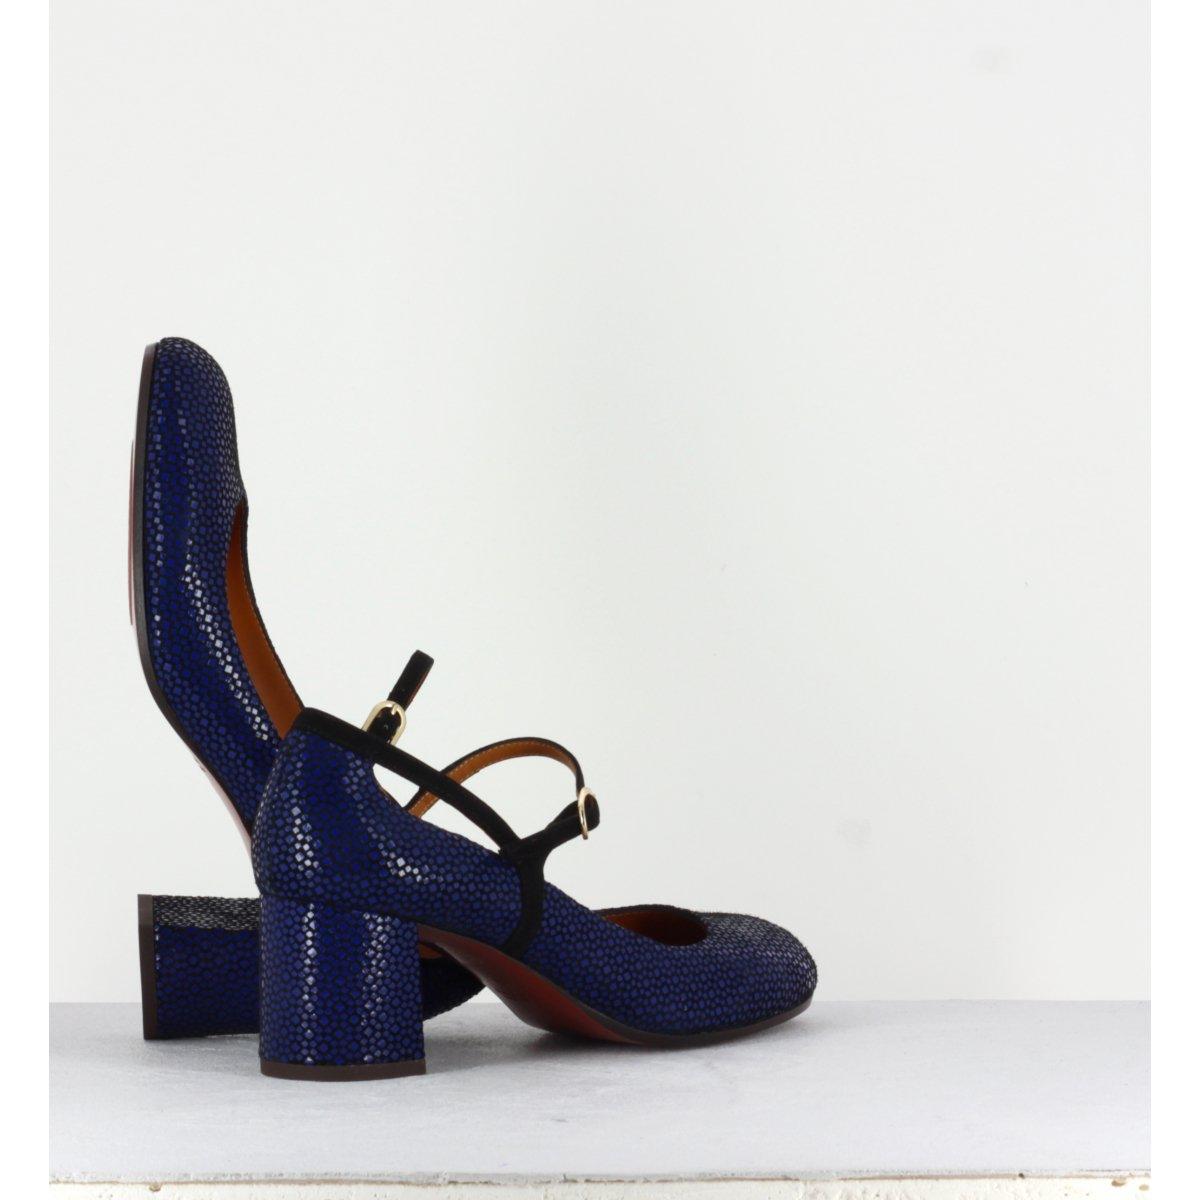 Escarpins à talons moyens en cuir bleu Chie Mihara - POPY BLEU